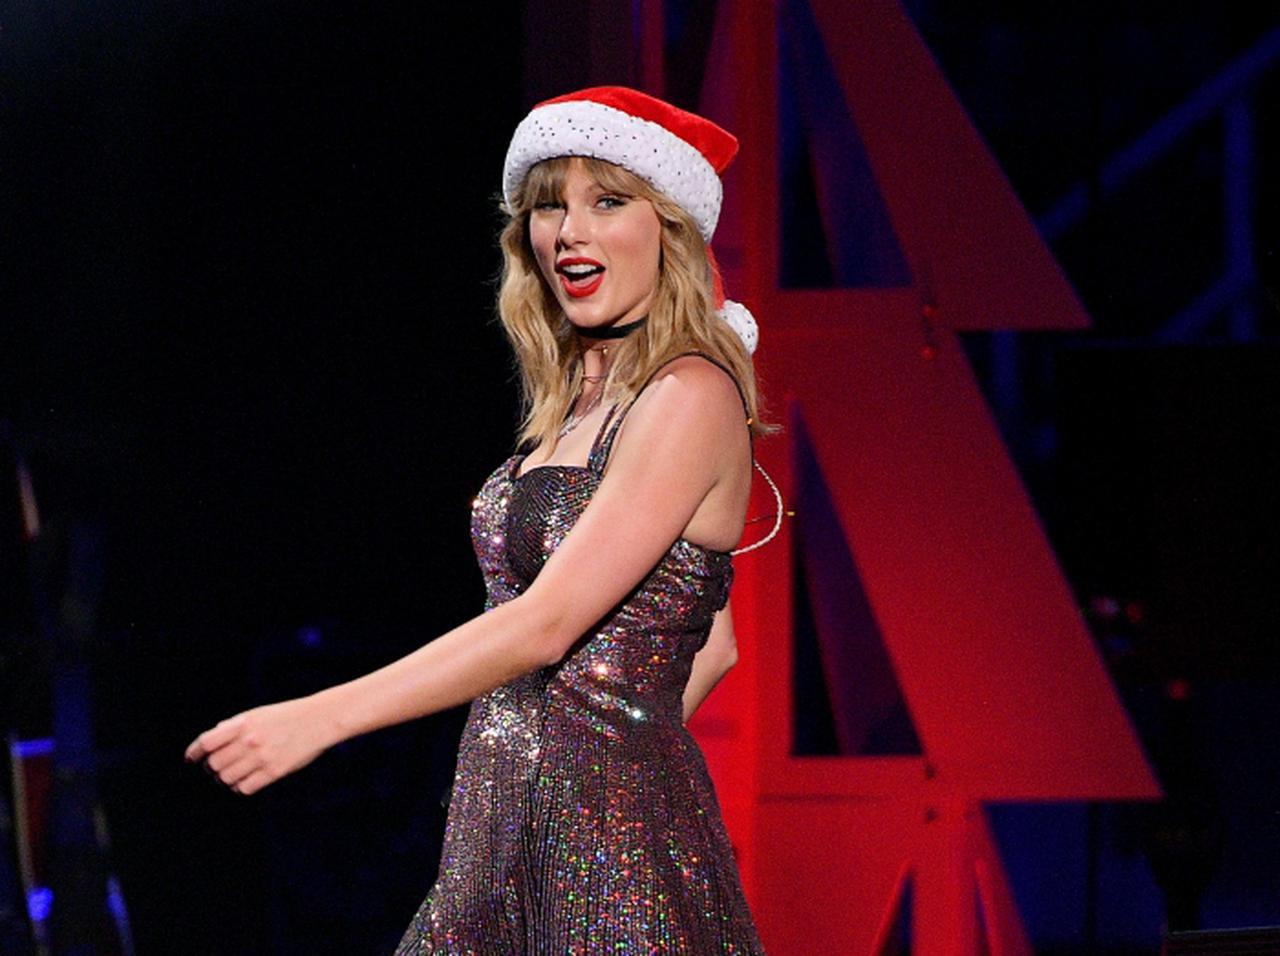 画像: テイラー・スウィフト、一般人宅のクリスマス電飾に感動し思わずサンタになる - フロントロウ -海外セレブ情報を発信